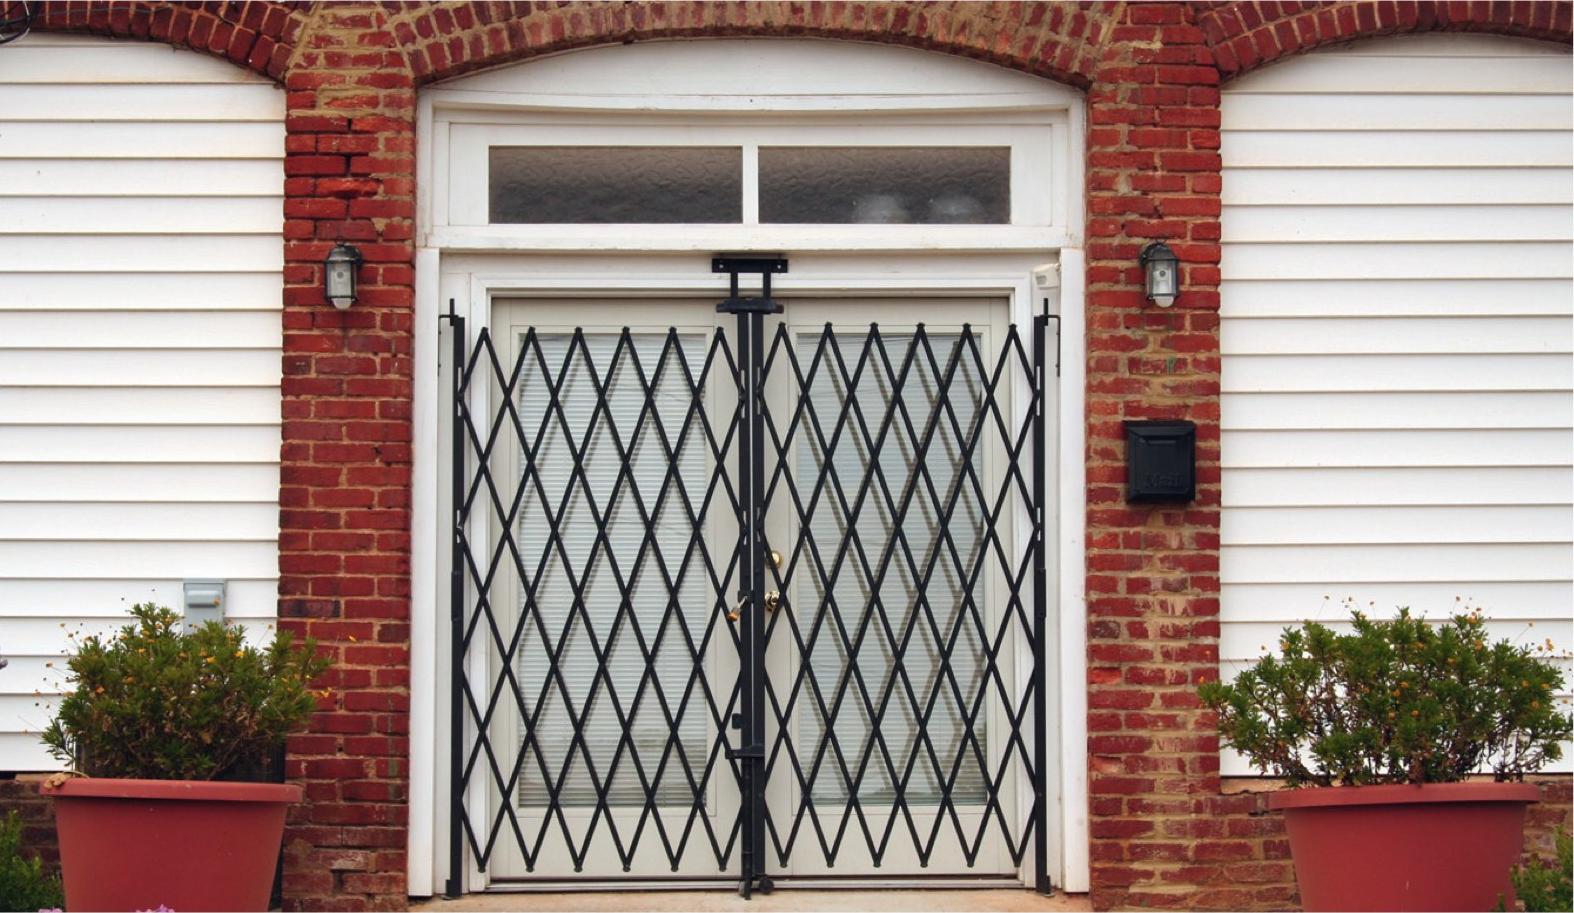 Sistemi di sicurezza passiva tassonedil - Sistemi di sicurezza casa ...